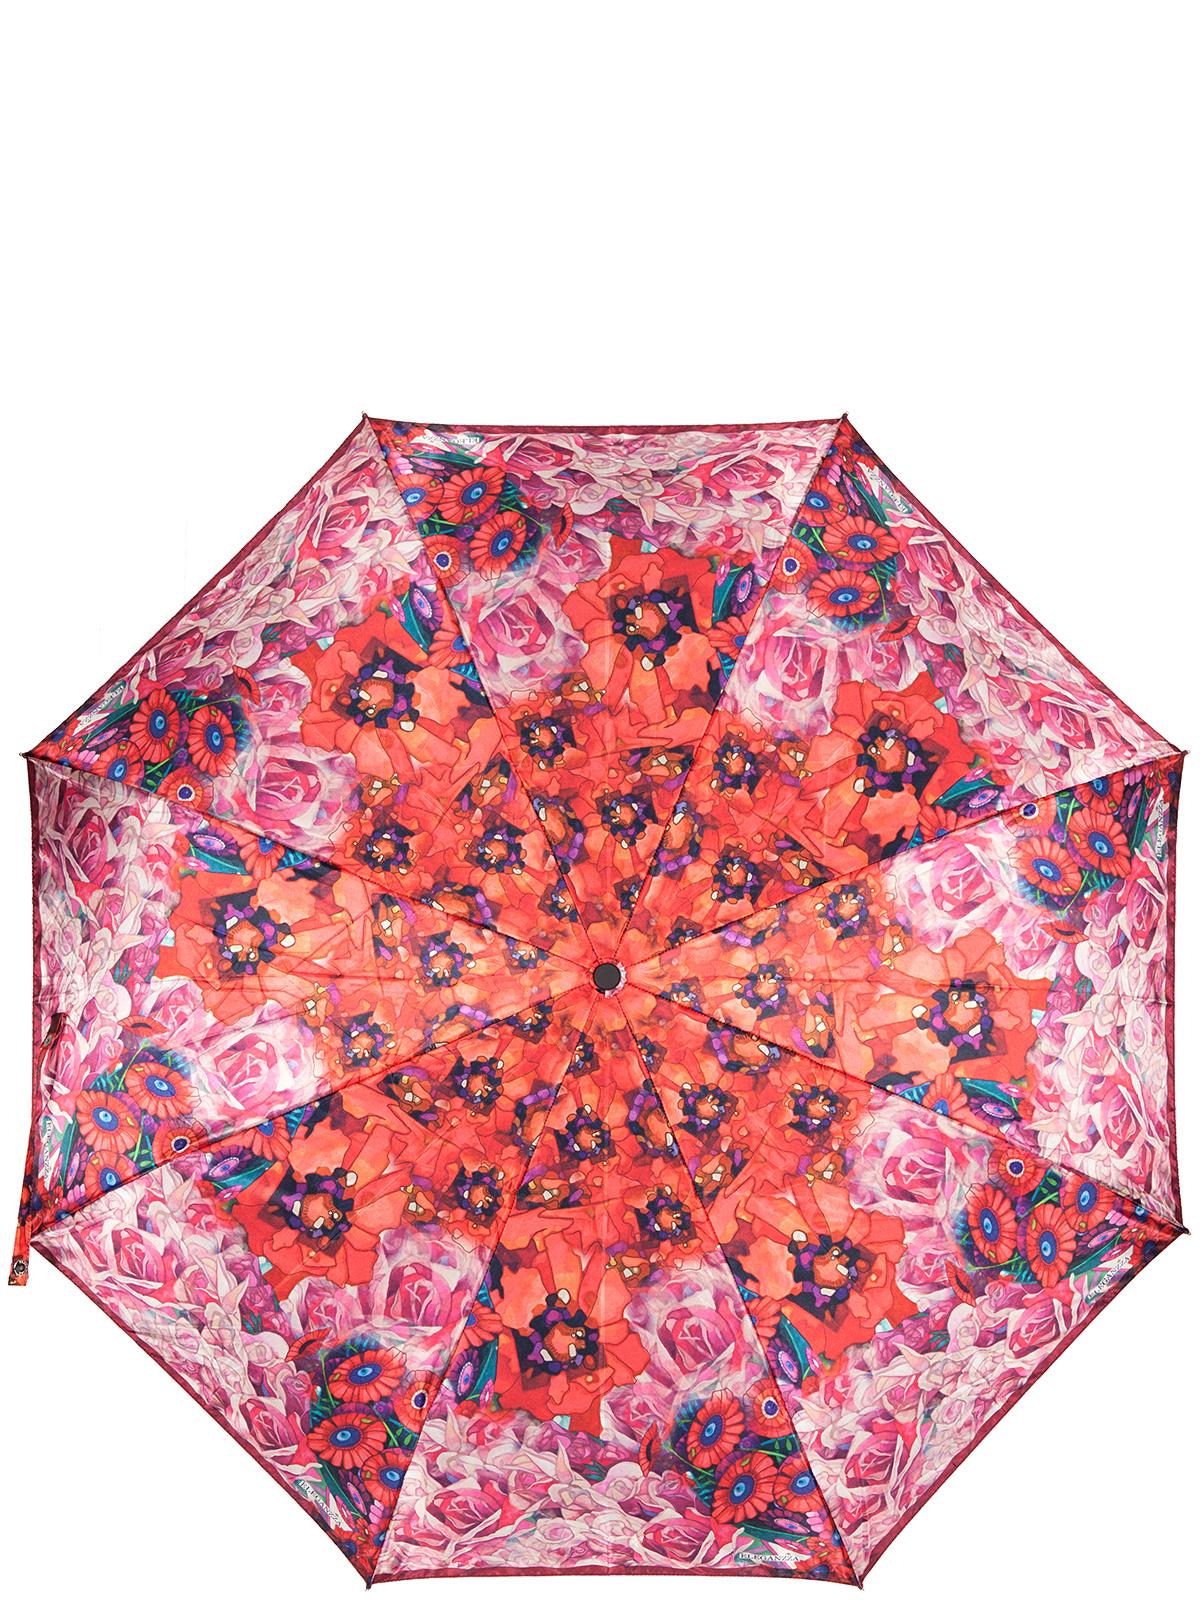 Зонт женский Eleganzza, цвет: красный. A3-05-0313LSA3-05-0313LSЖенский зонт-автомат торговой марки Eleganzza с каркасом Smart, который позволяет без особых усилий складывать зонт, не позволяя стержню вылетать обратно. Купол: 100% полиэстер, сатин. Материал каркаса: сталь + фибергласс. Материал ручки: пластик. Длина изделия - 30 см. Диаметр купола - 105 см. Система Smart, не позволяет стержню при сложении вылететь обратно, это облегчает сложение зонта! При сложении есть характерный звук-треск, как трещетка. Примечание: зонт не откроется с кнопки если его не закрыть до щелчка.